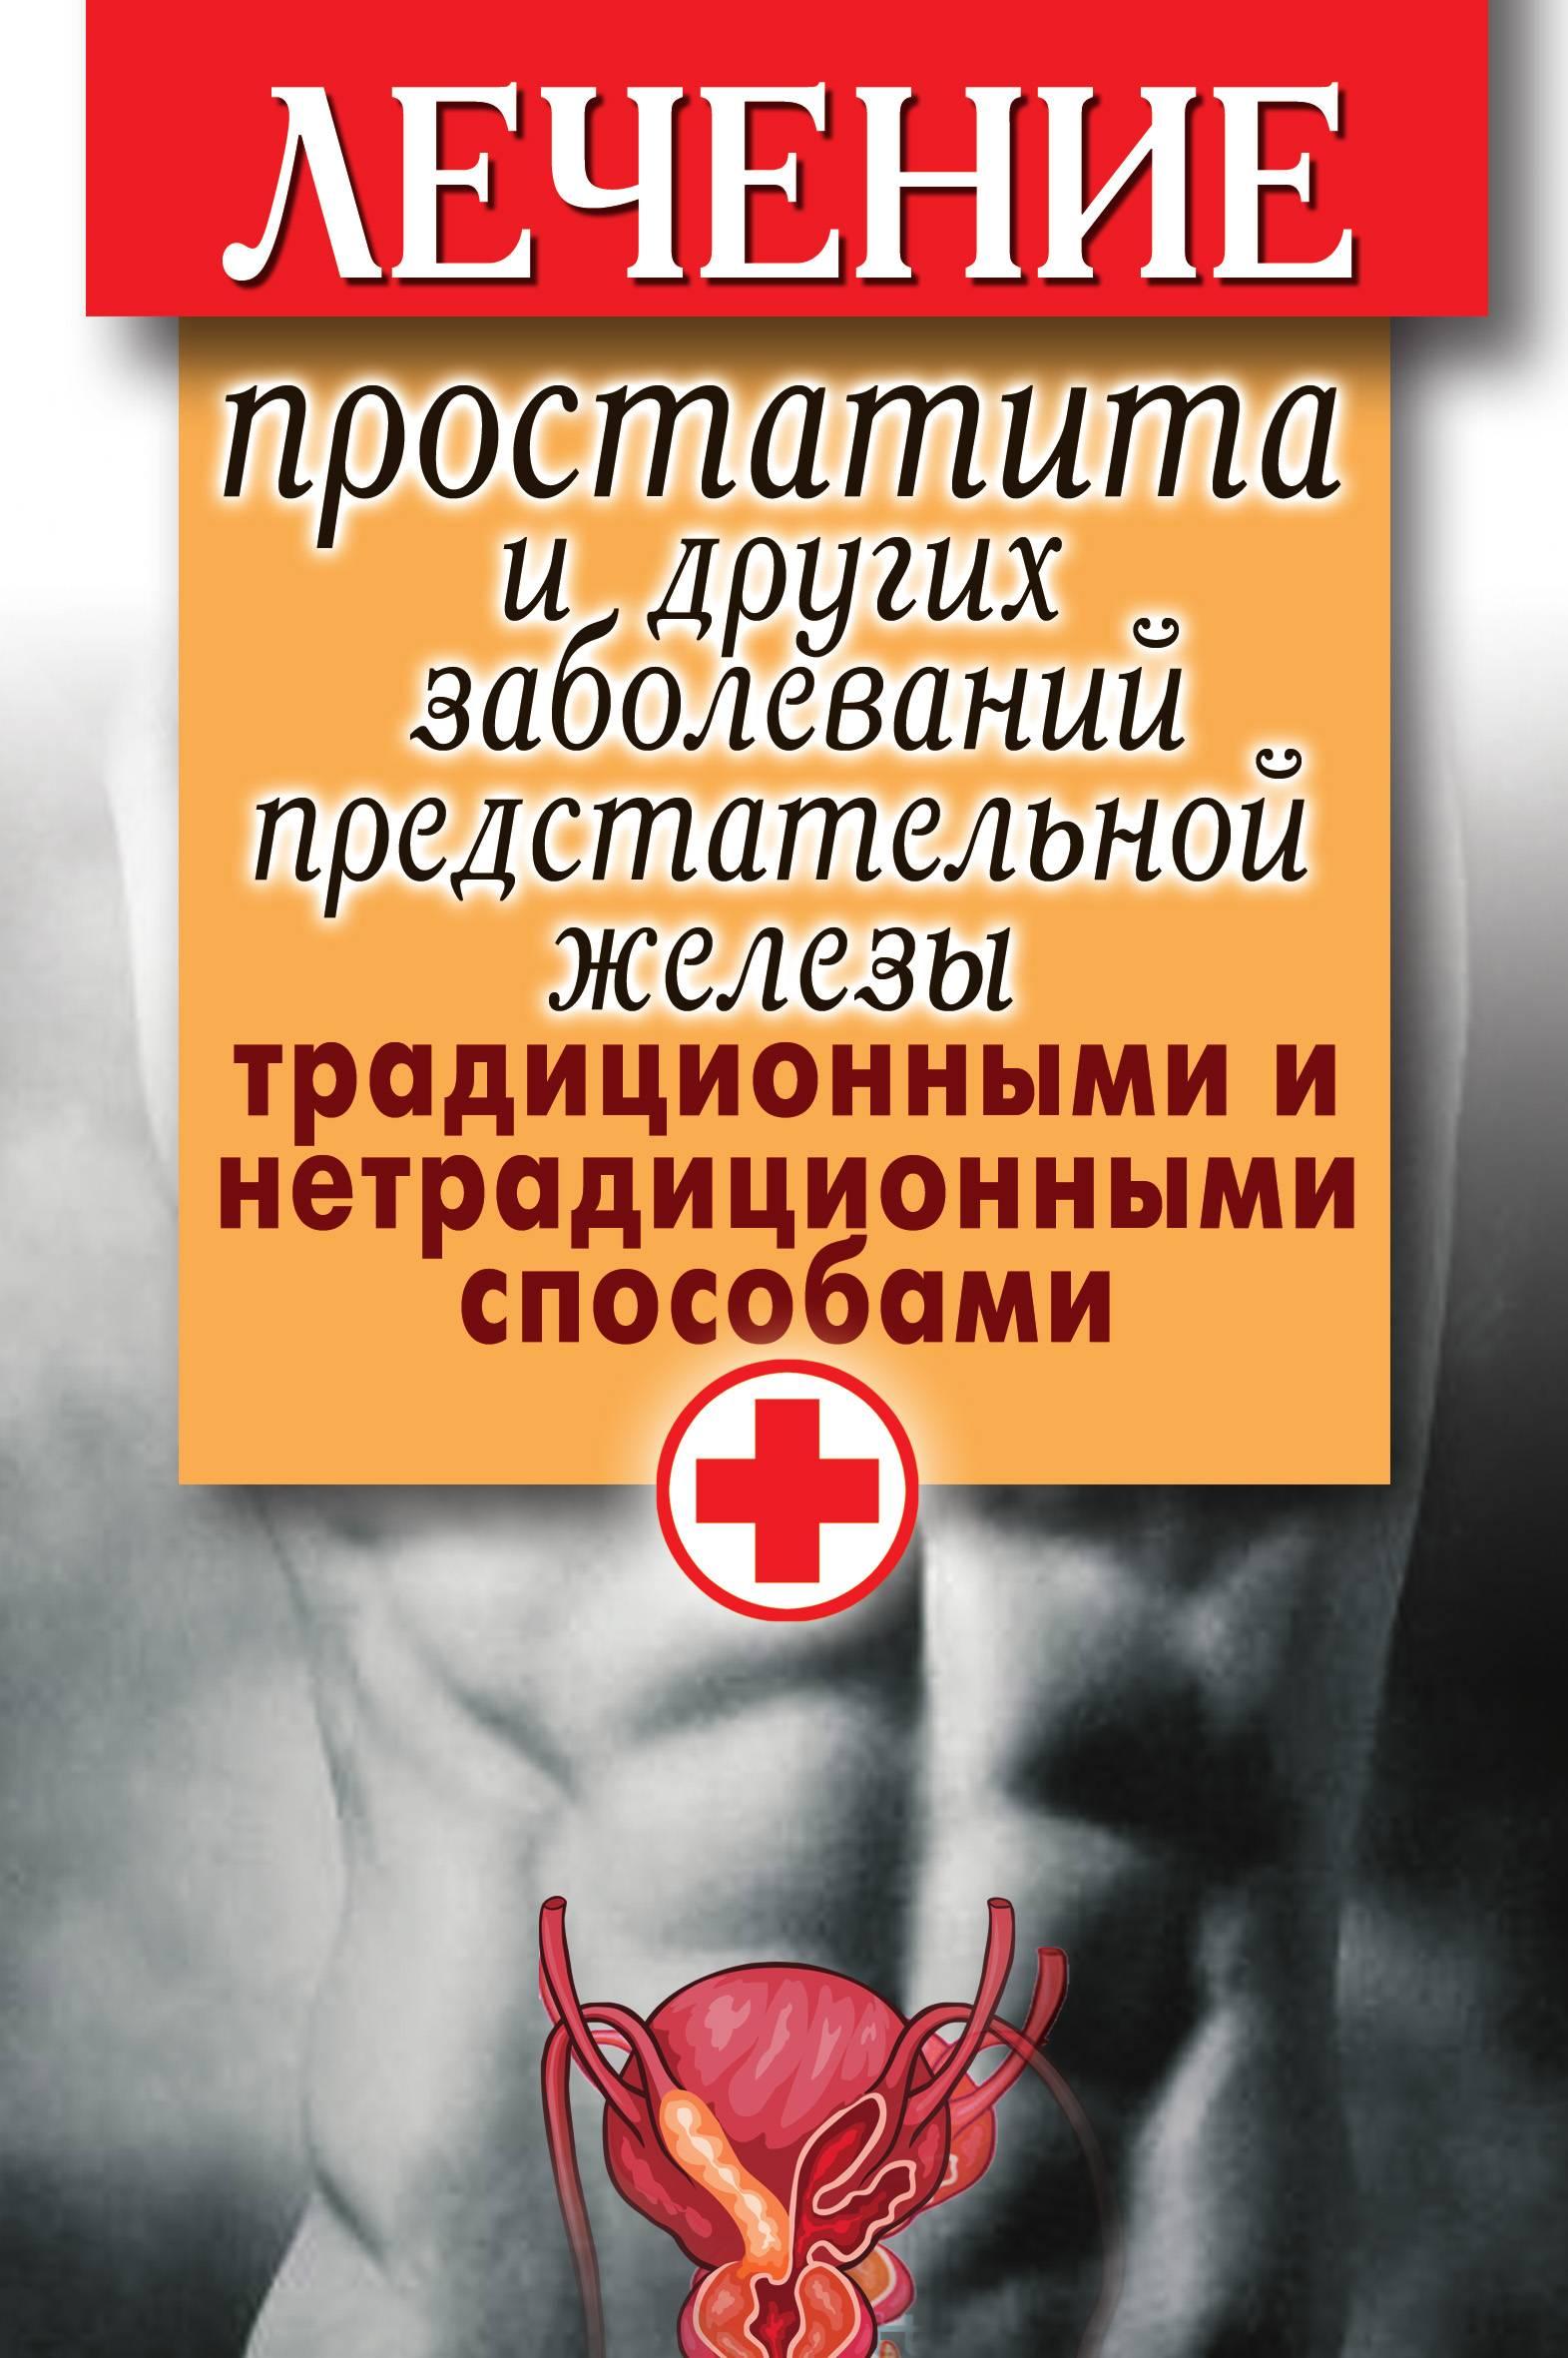 Симптомы хронического простатита у мужчин и его лечение